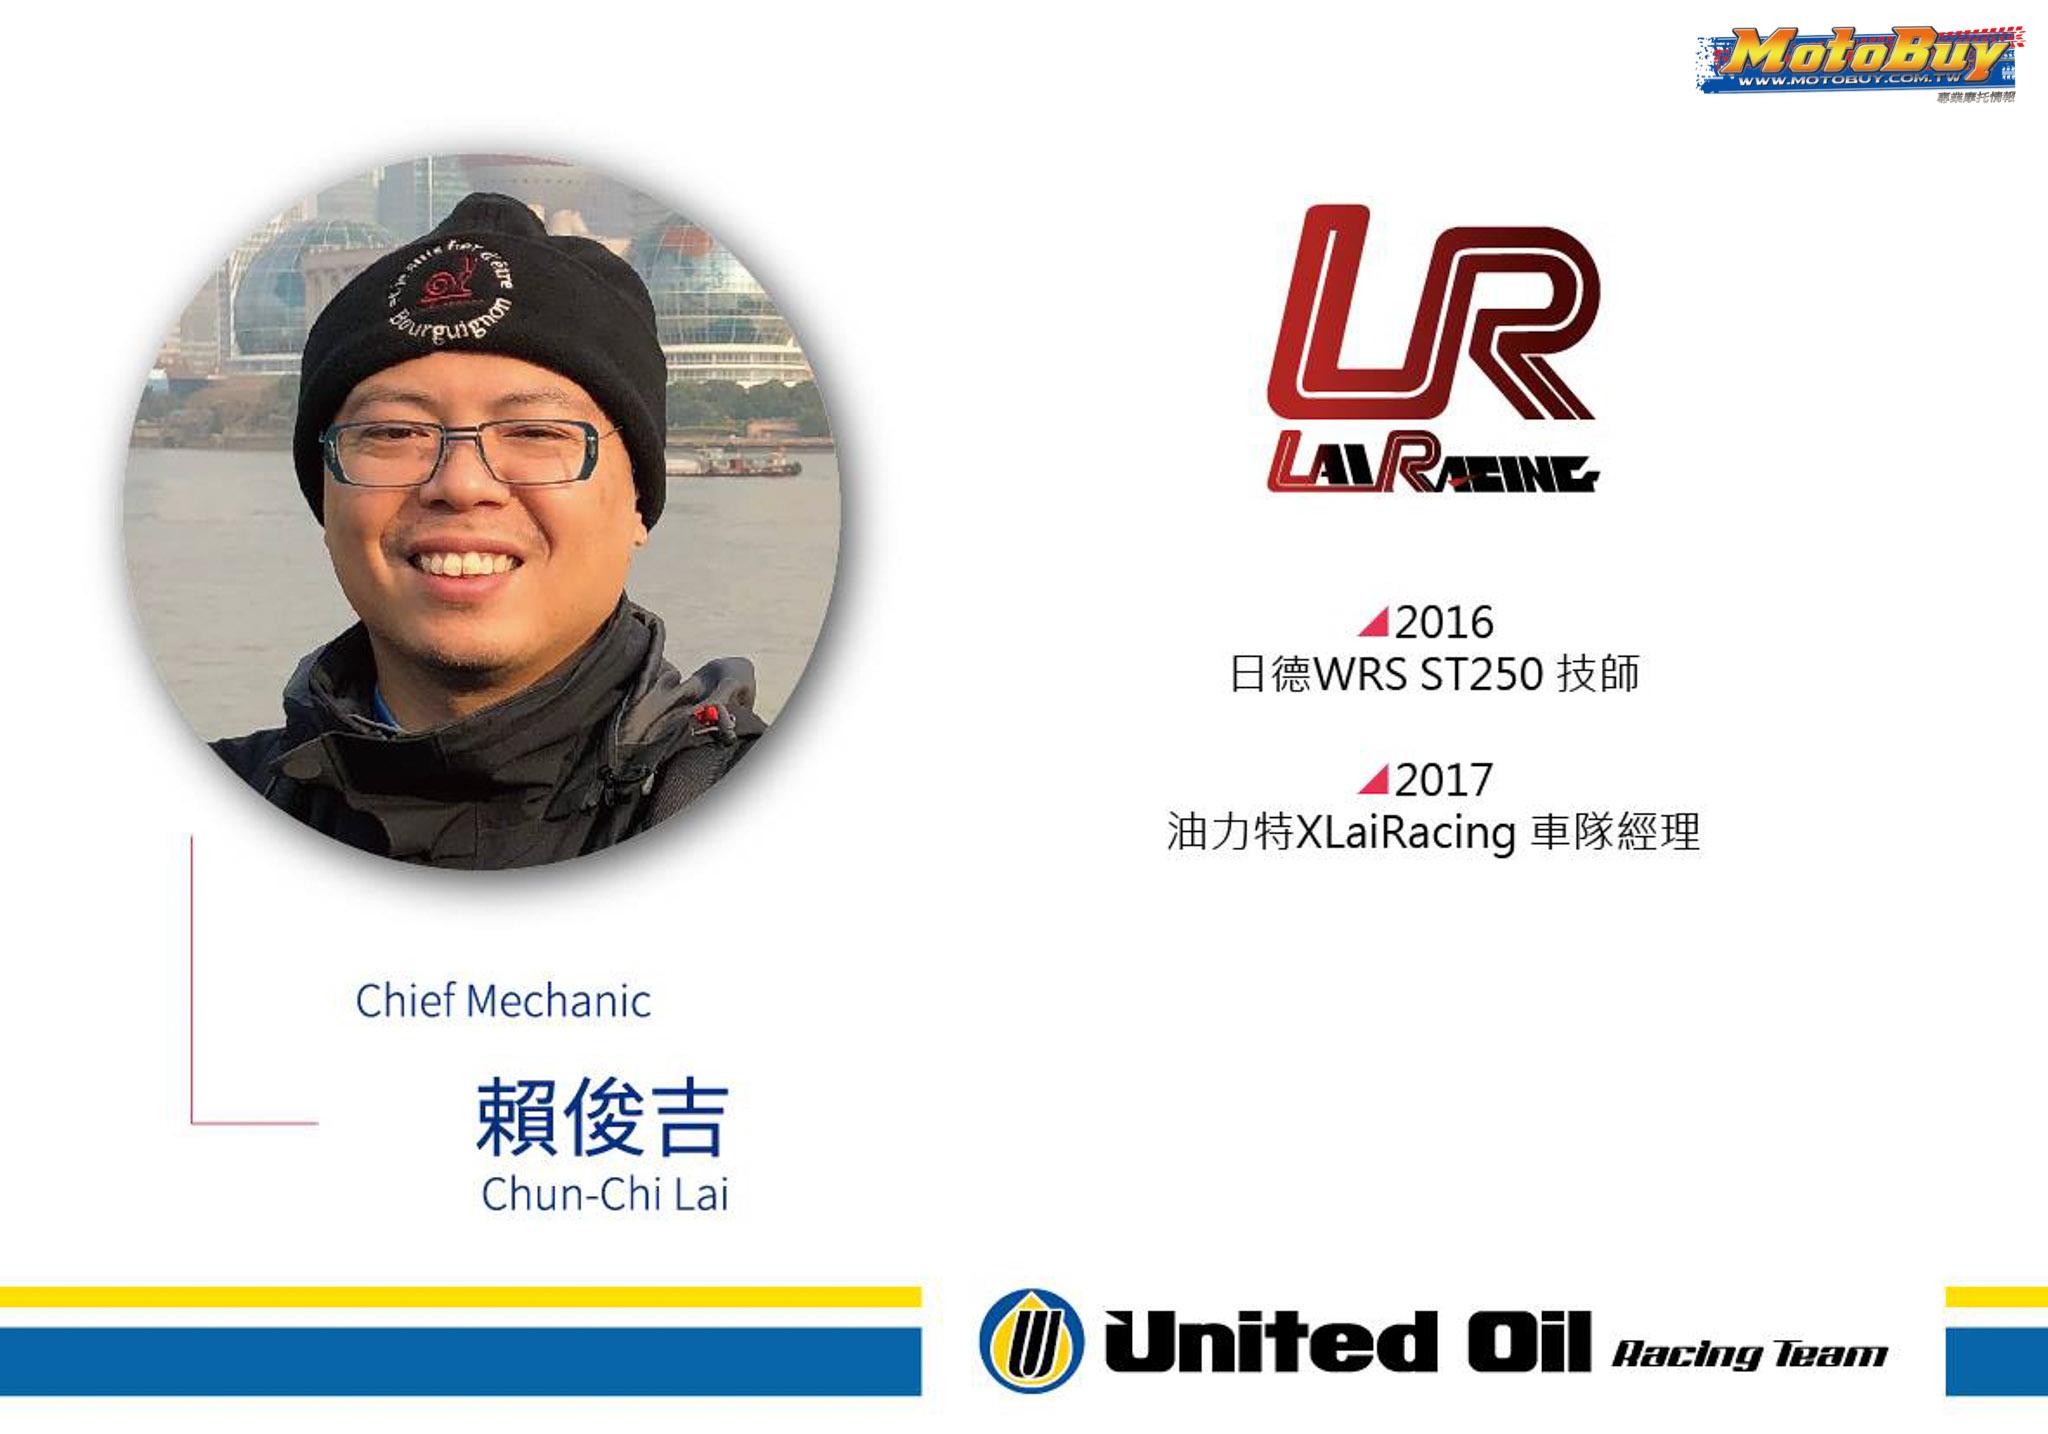 [賽事報導] 臺灣之龍! United Oil Racing Team x 邱科龍。挑戰ARRC Round.1泰國站 | MotoBuy